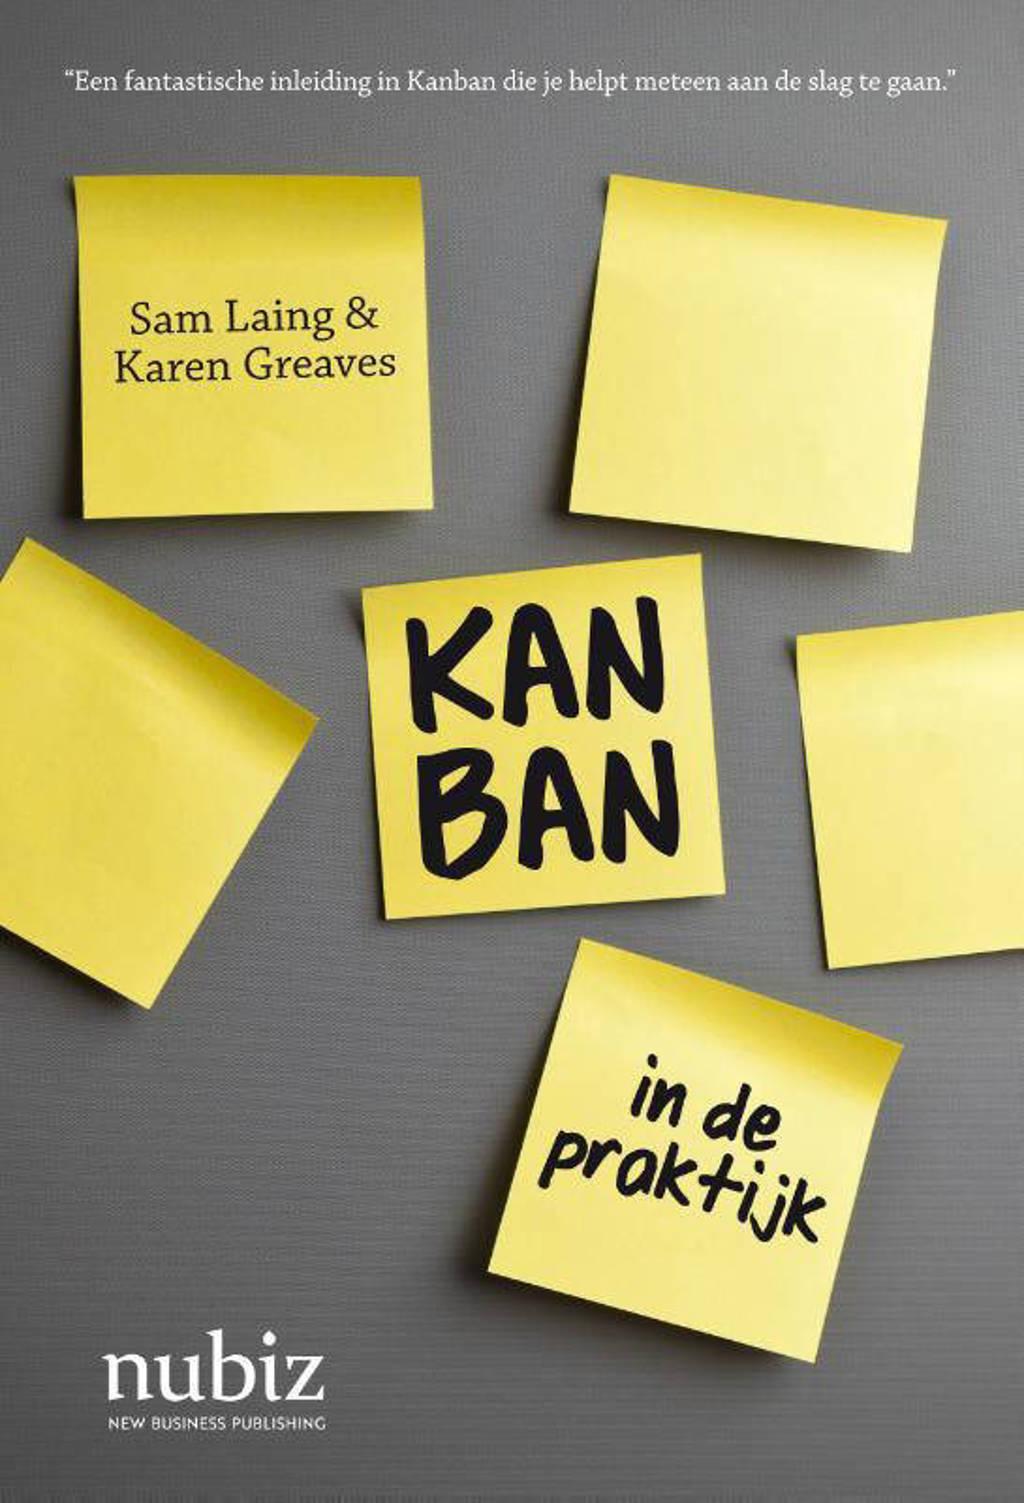 Kanban in de praktijk - Sam Laing en Karen Greaves